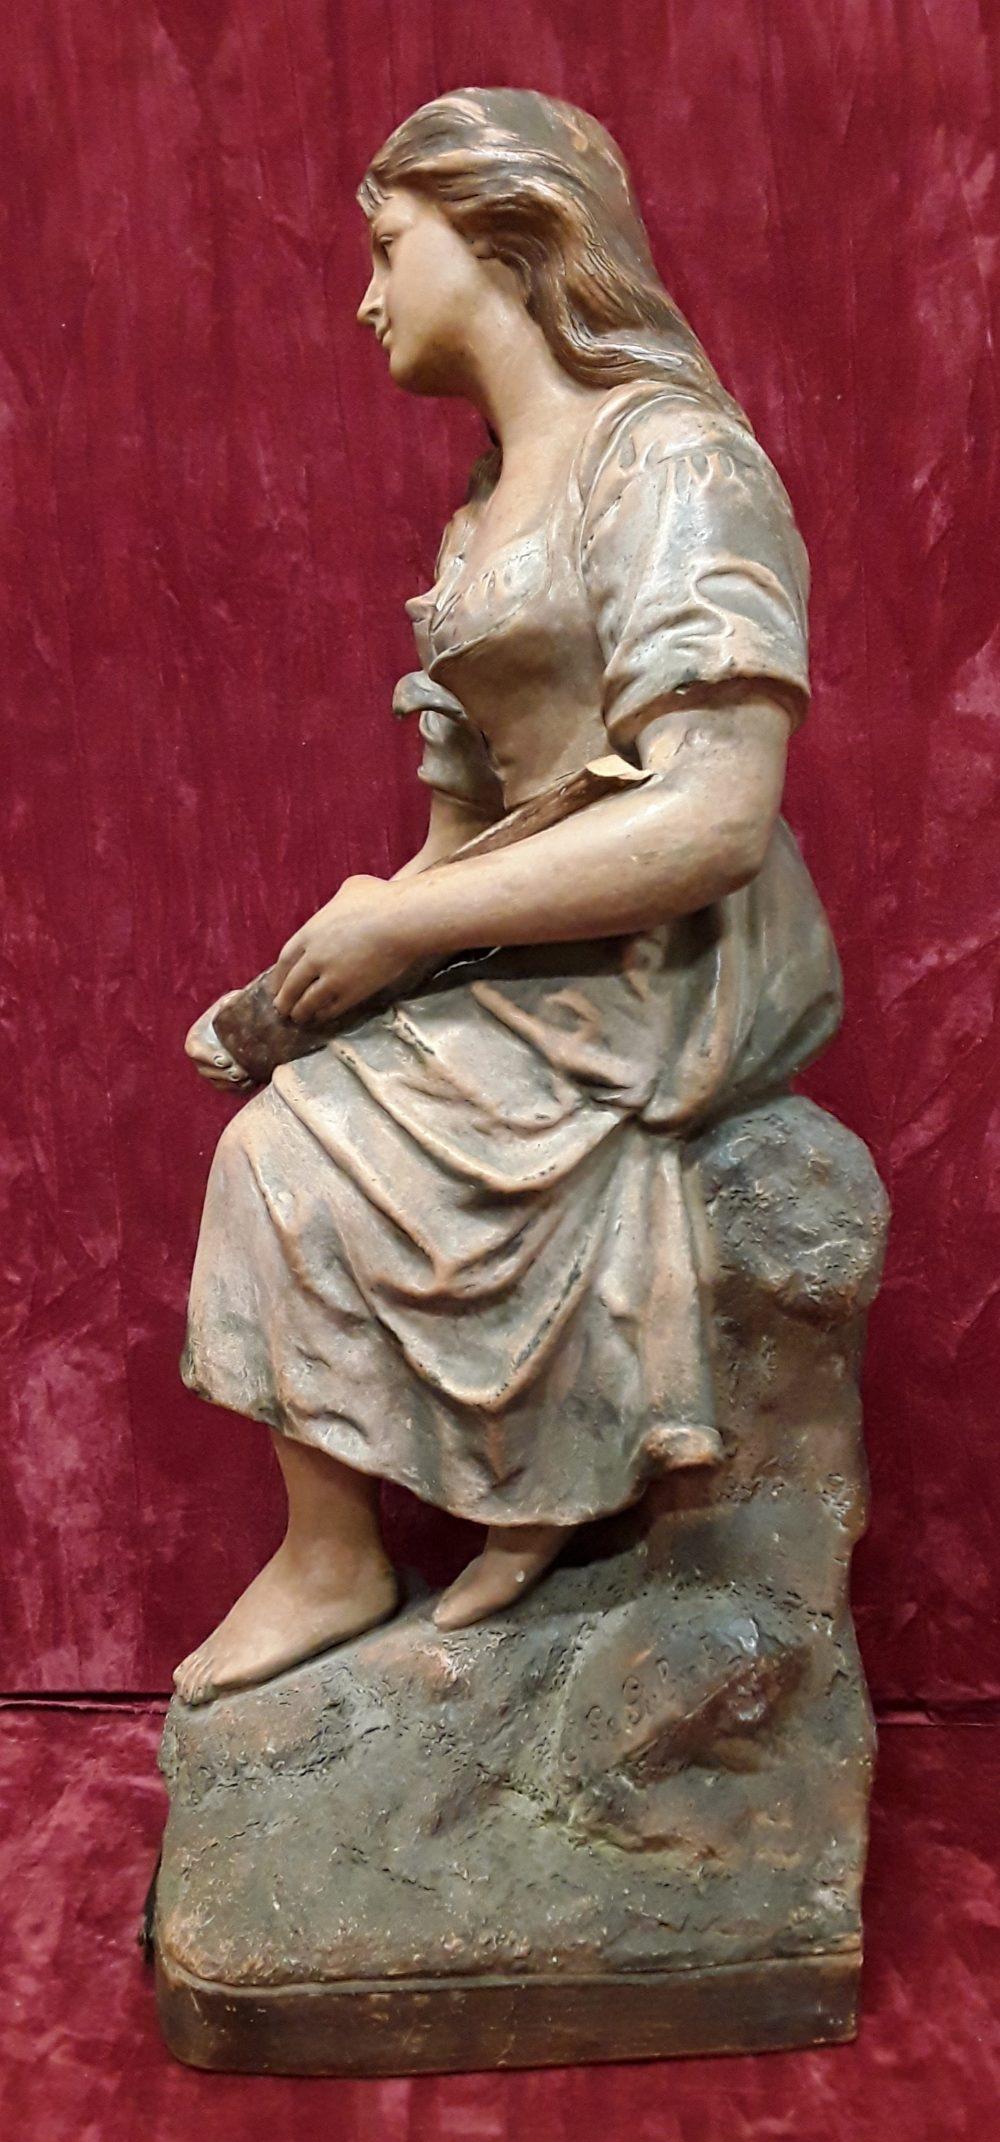 Lot 6 - A tall Mignon figurine in terracotta.